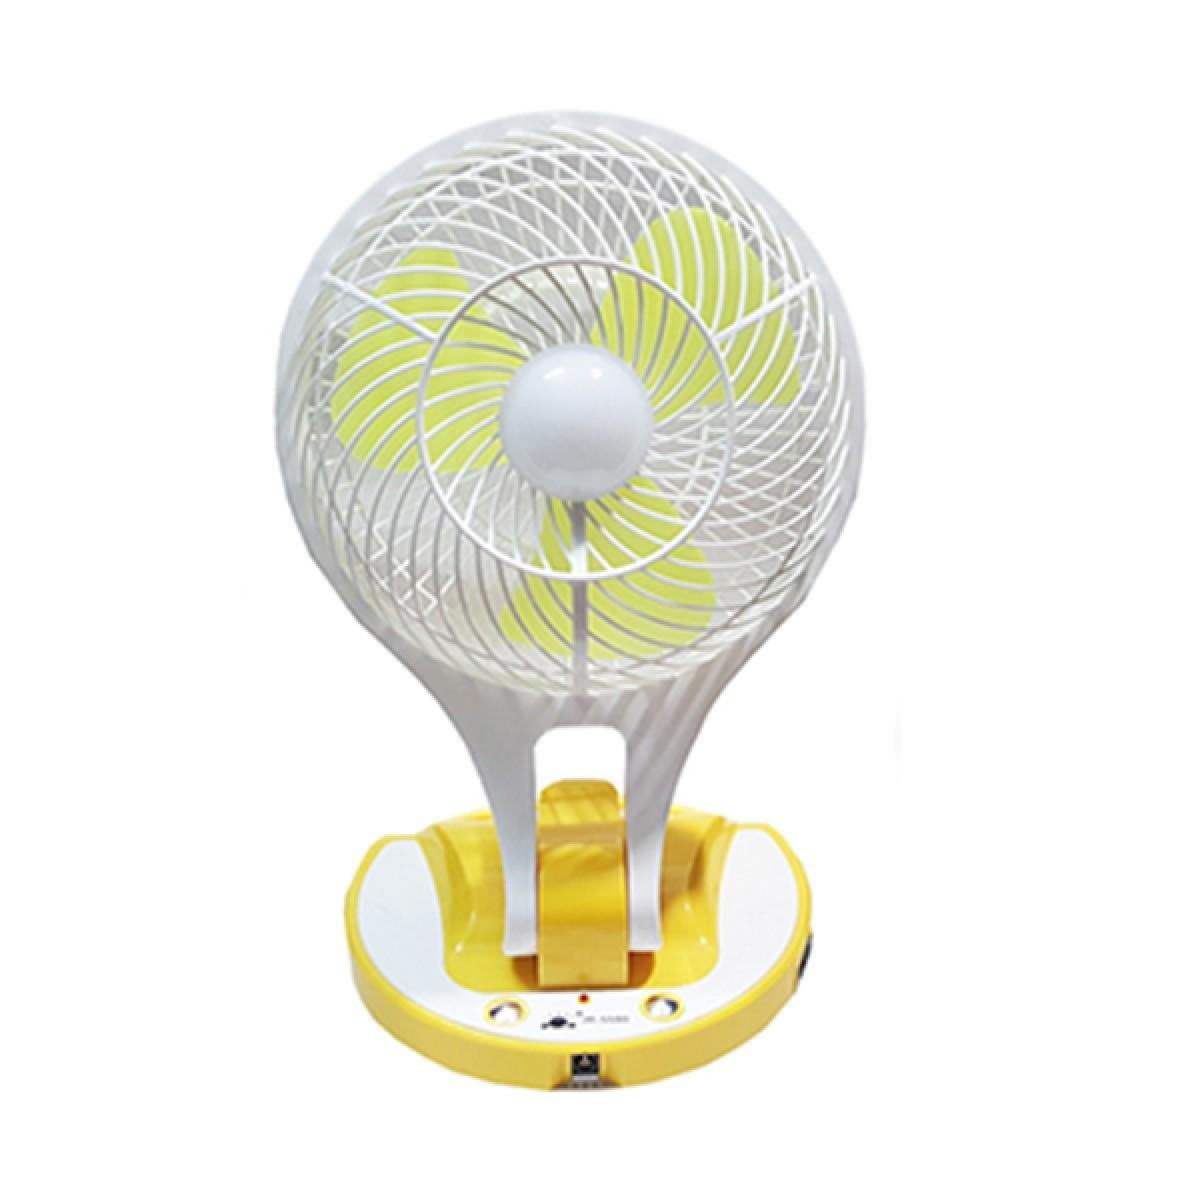 Φορητός Ανεμιστήρας 18εκ με Ισχυρό Φωτιστικό LED 200 Lumens JR-5580